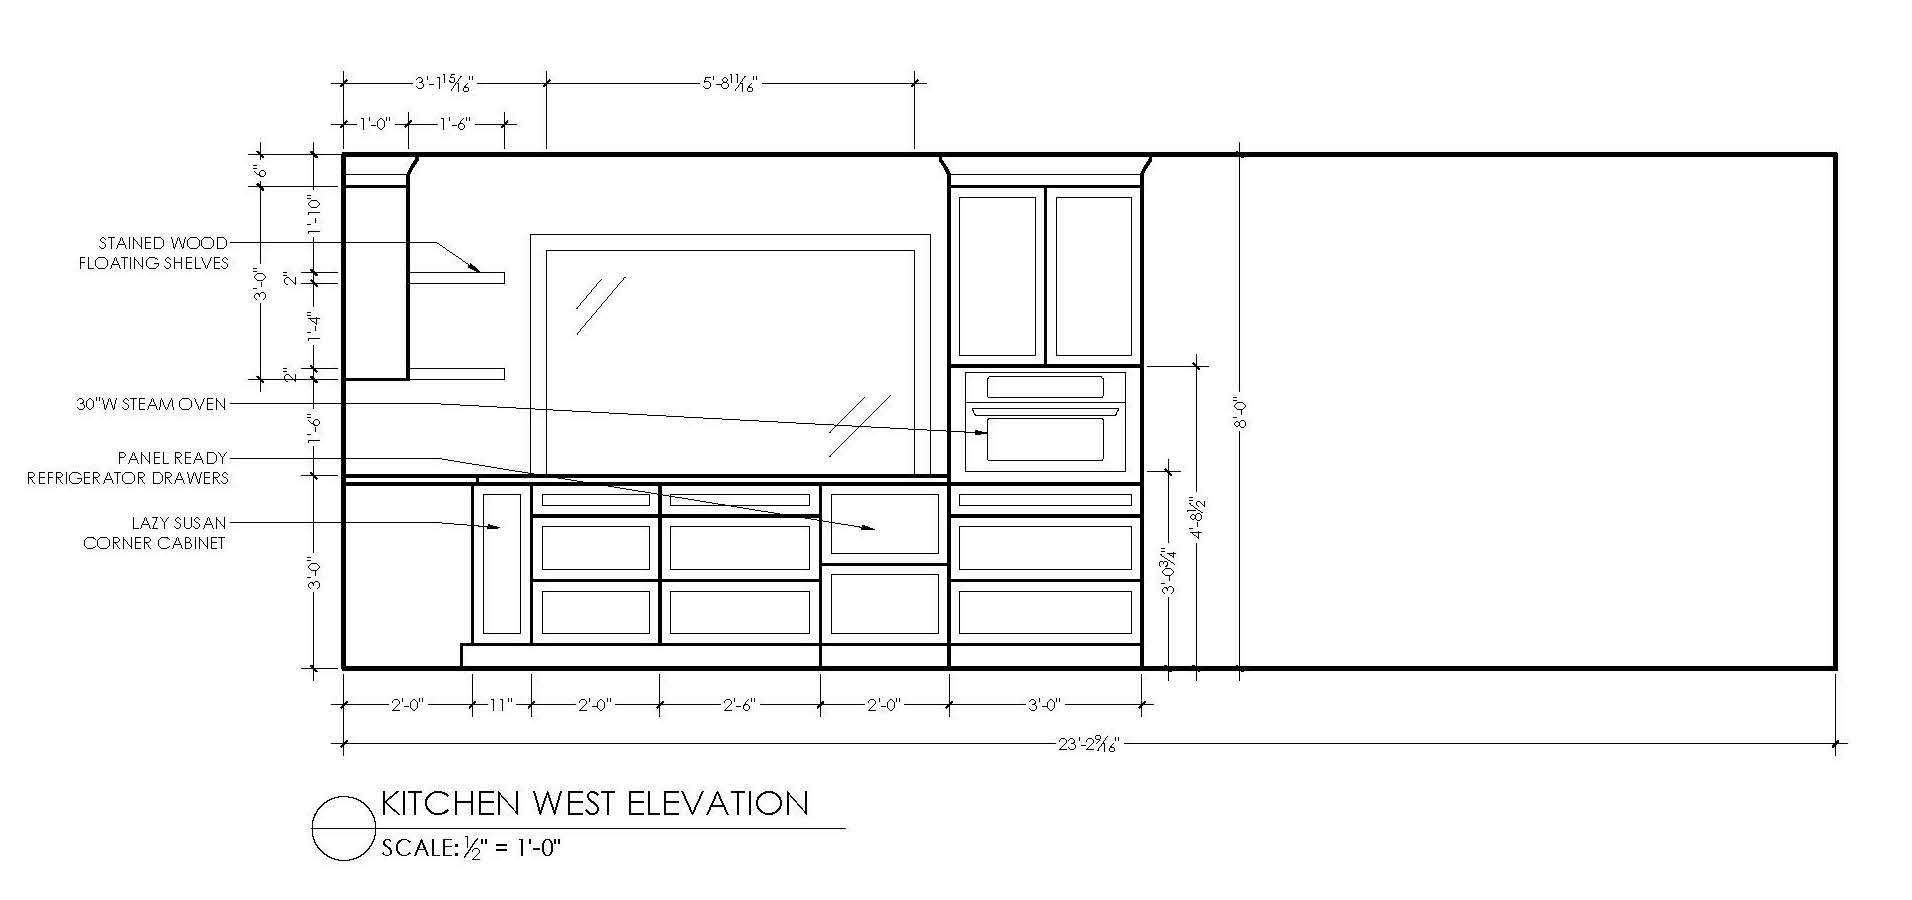 kitchen west elevation